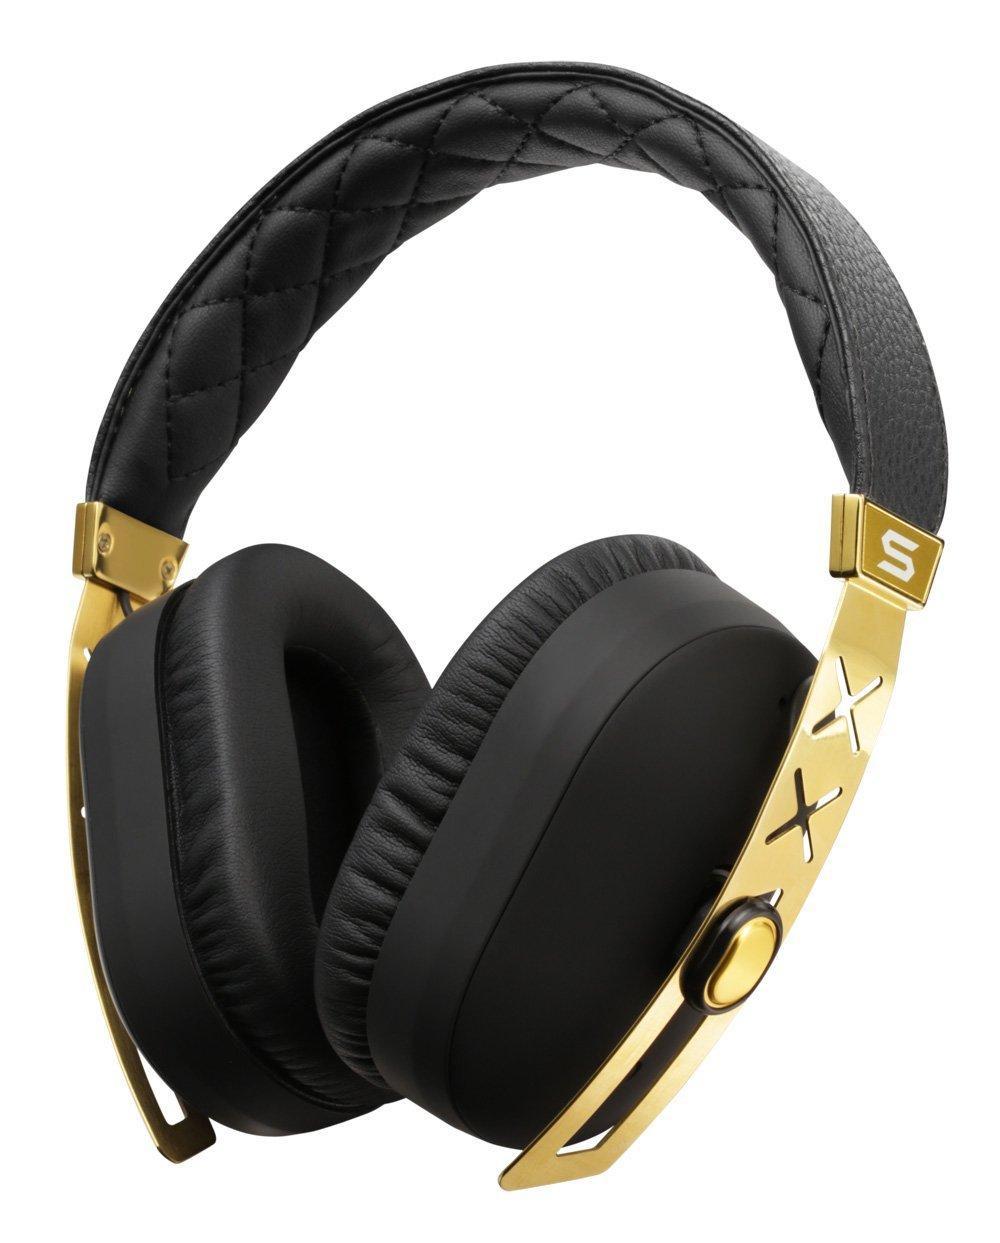 Casque Audio Soul Jet Pro 24K avec Technologie anti-bruit - Noir / Or